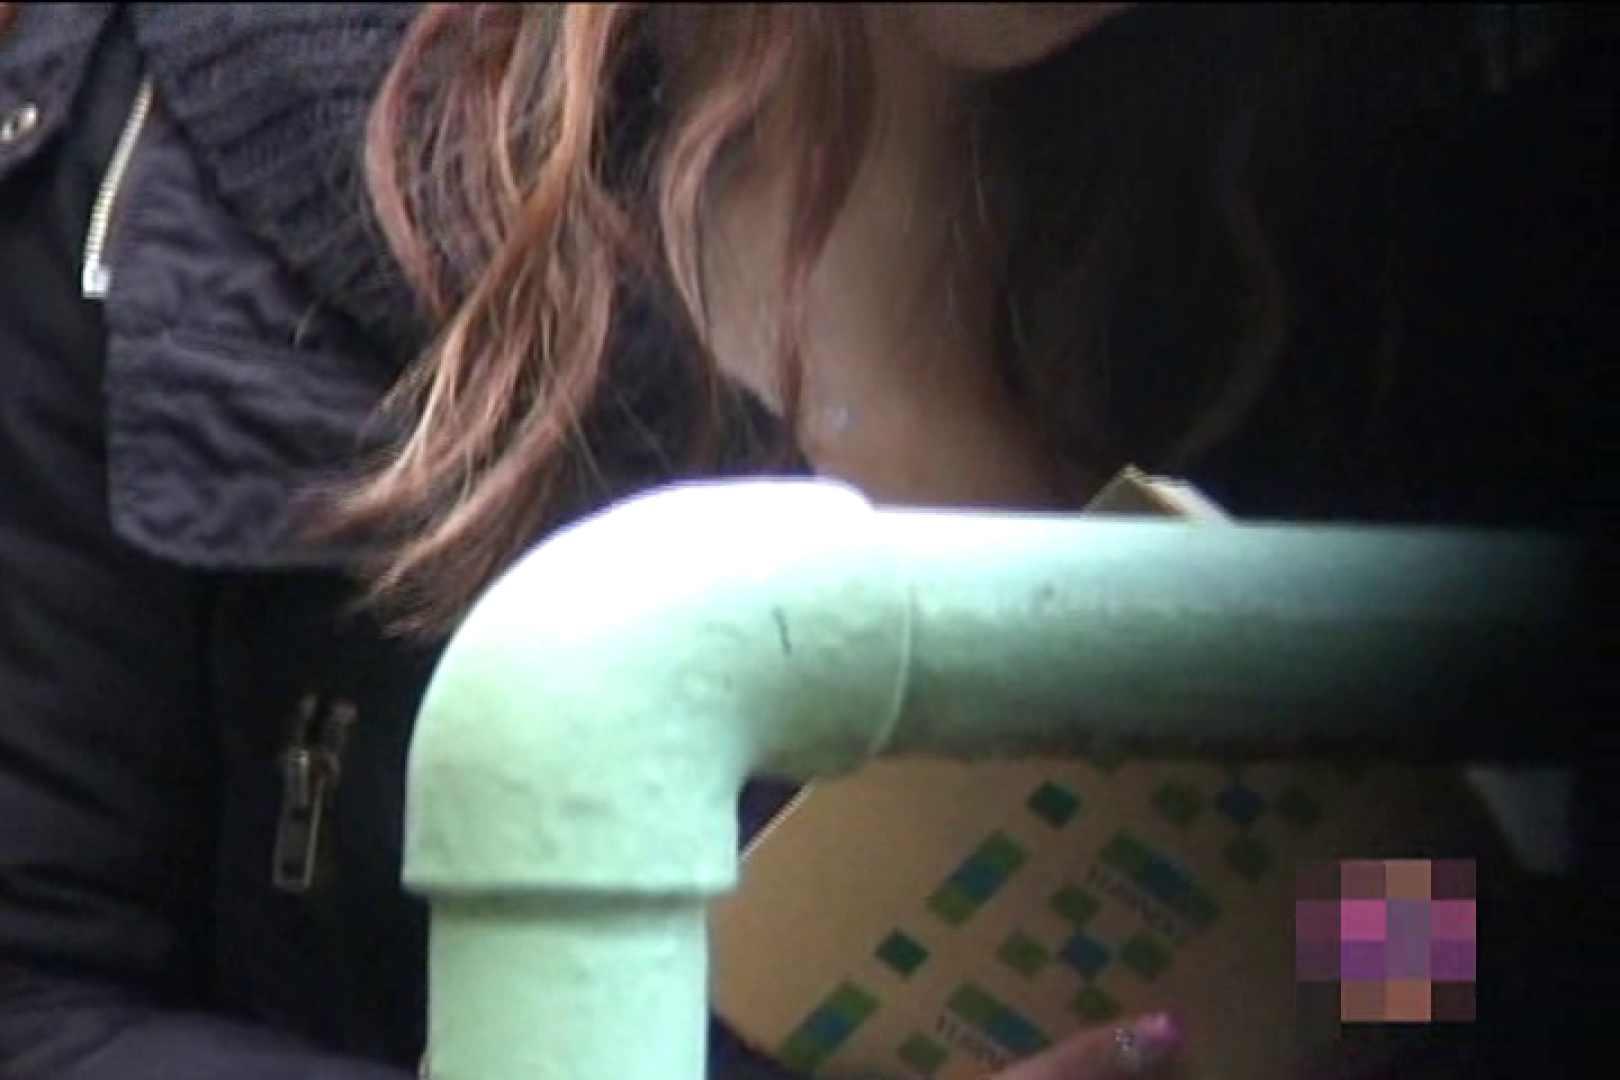 大胆露出胸チラギャル大量発生中!!Vol.6 乳首 | 萌えギャル  93連発 86